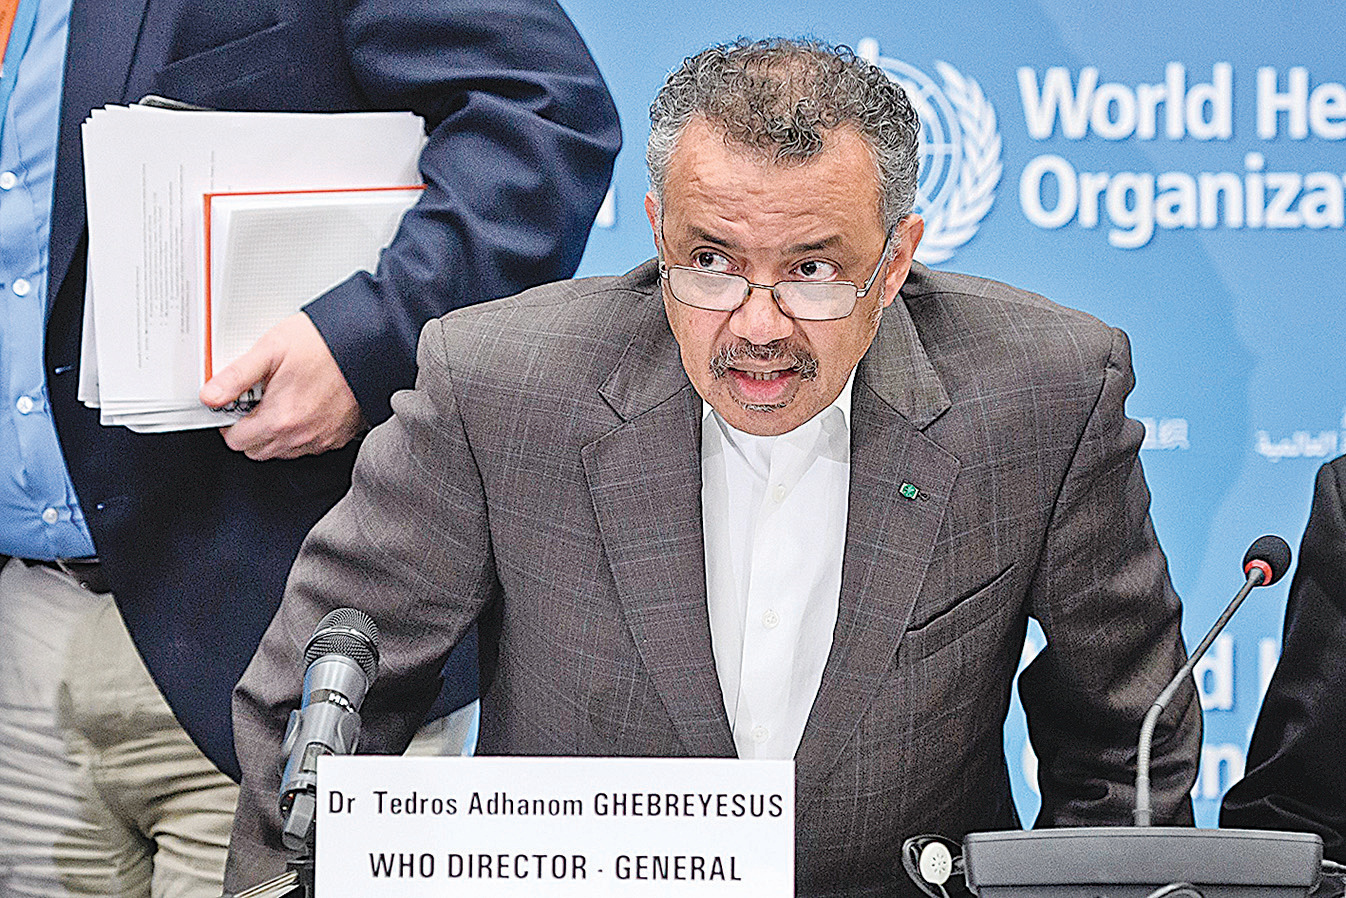 世界衛生組織(WHO)總幹事譚德塞(Tedros Adhanom Ghebreyesus)。(AFP)